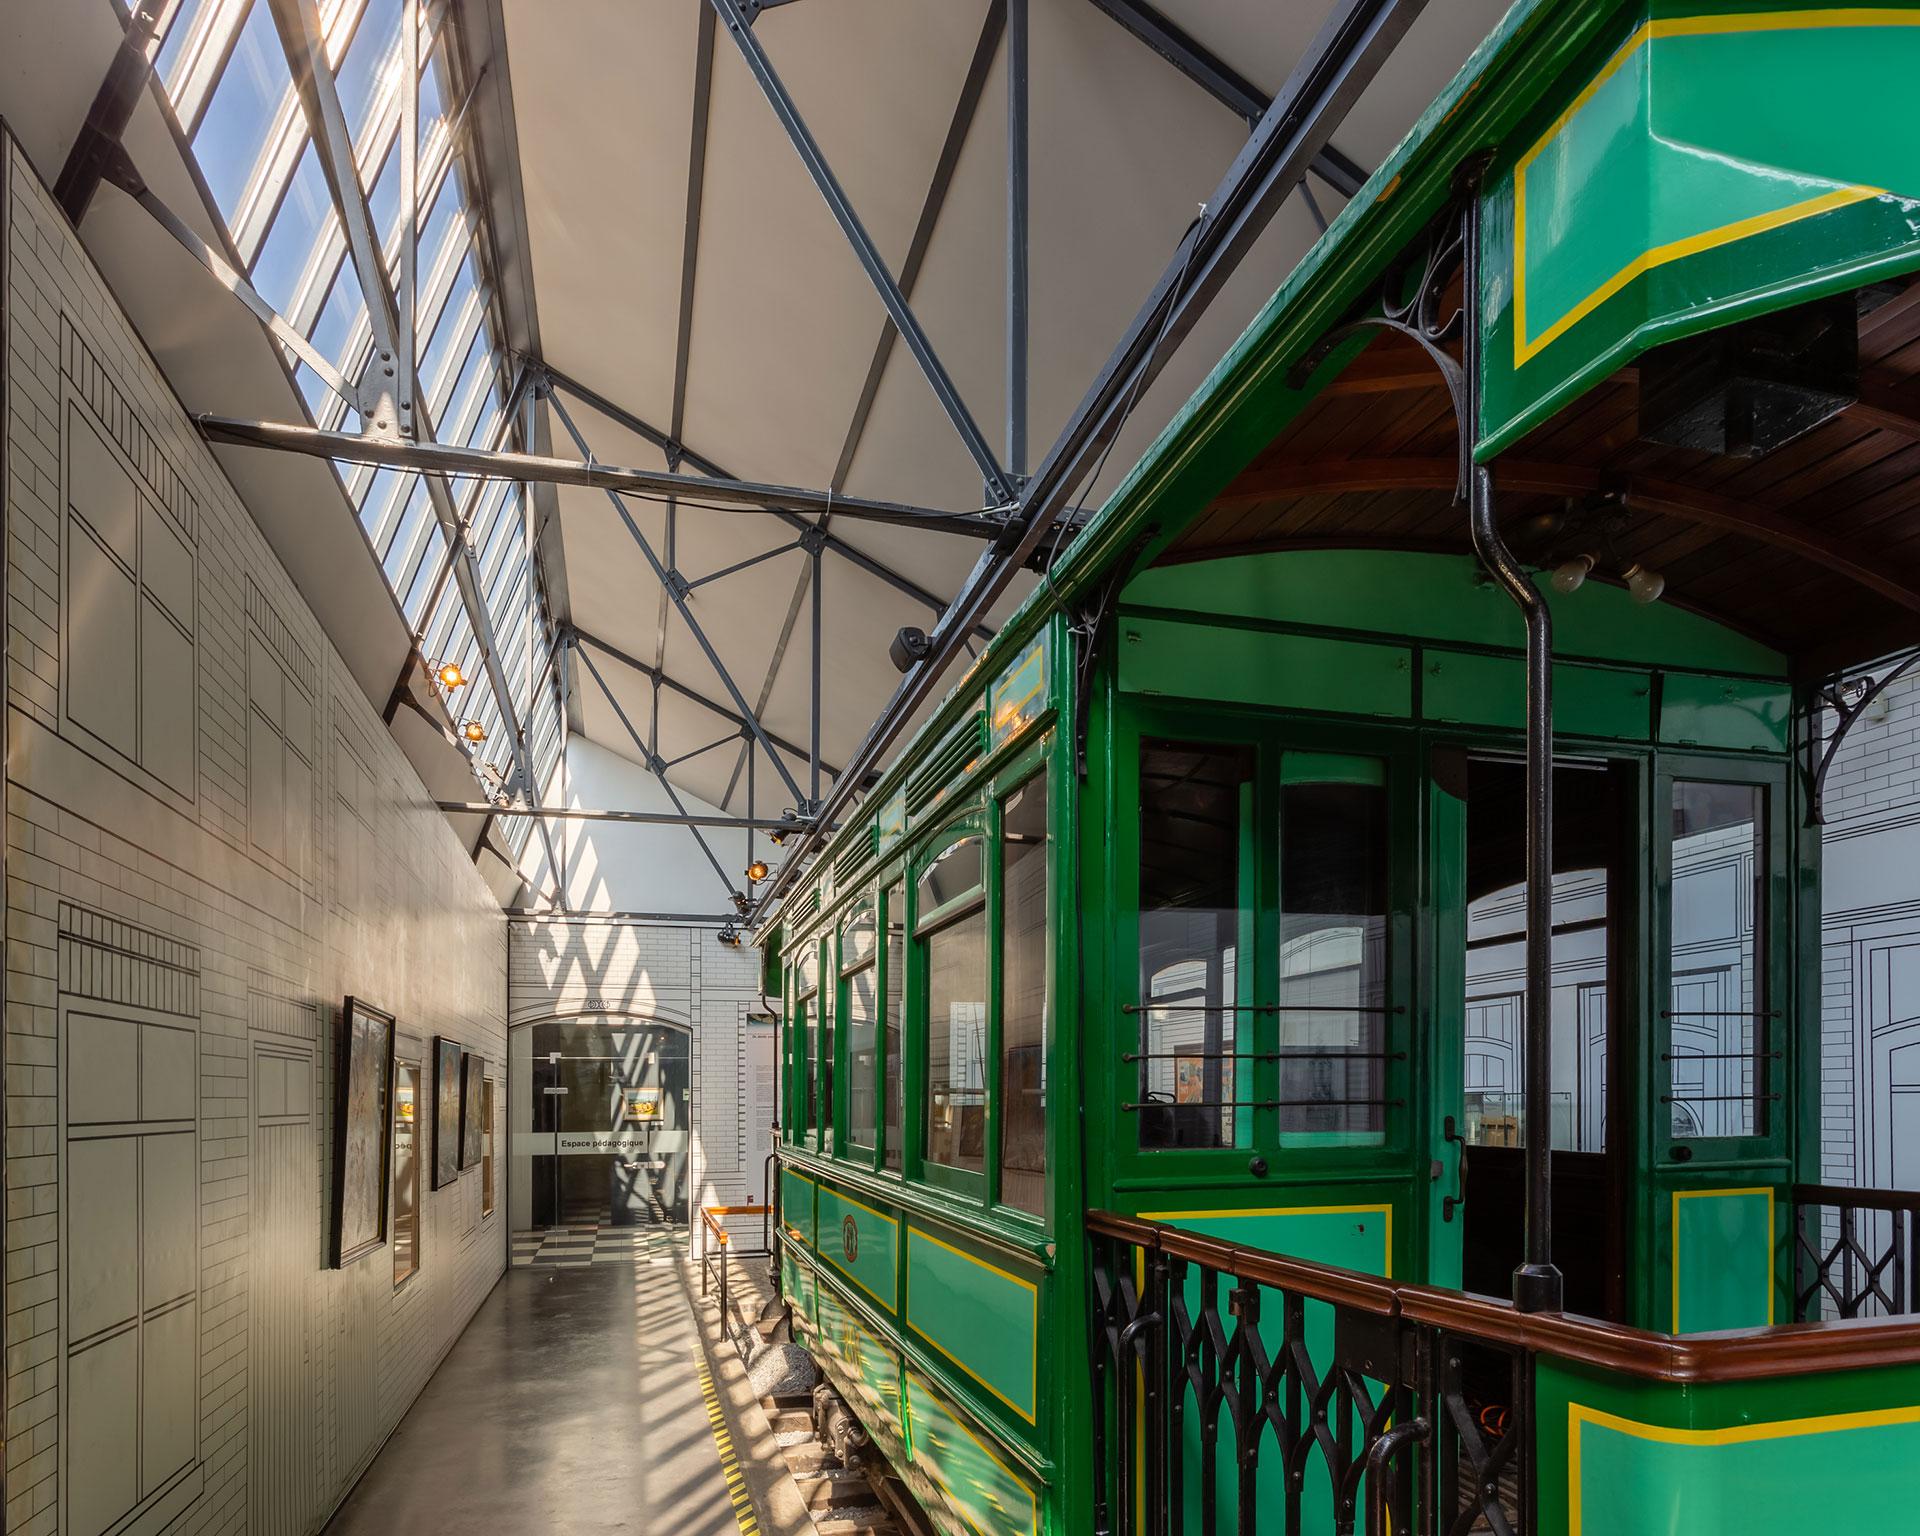 Musée de l'Industrie - Bois du Cazier - révolution industrielle - sud de Charleroi - activité économique